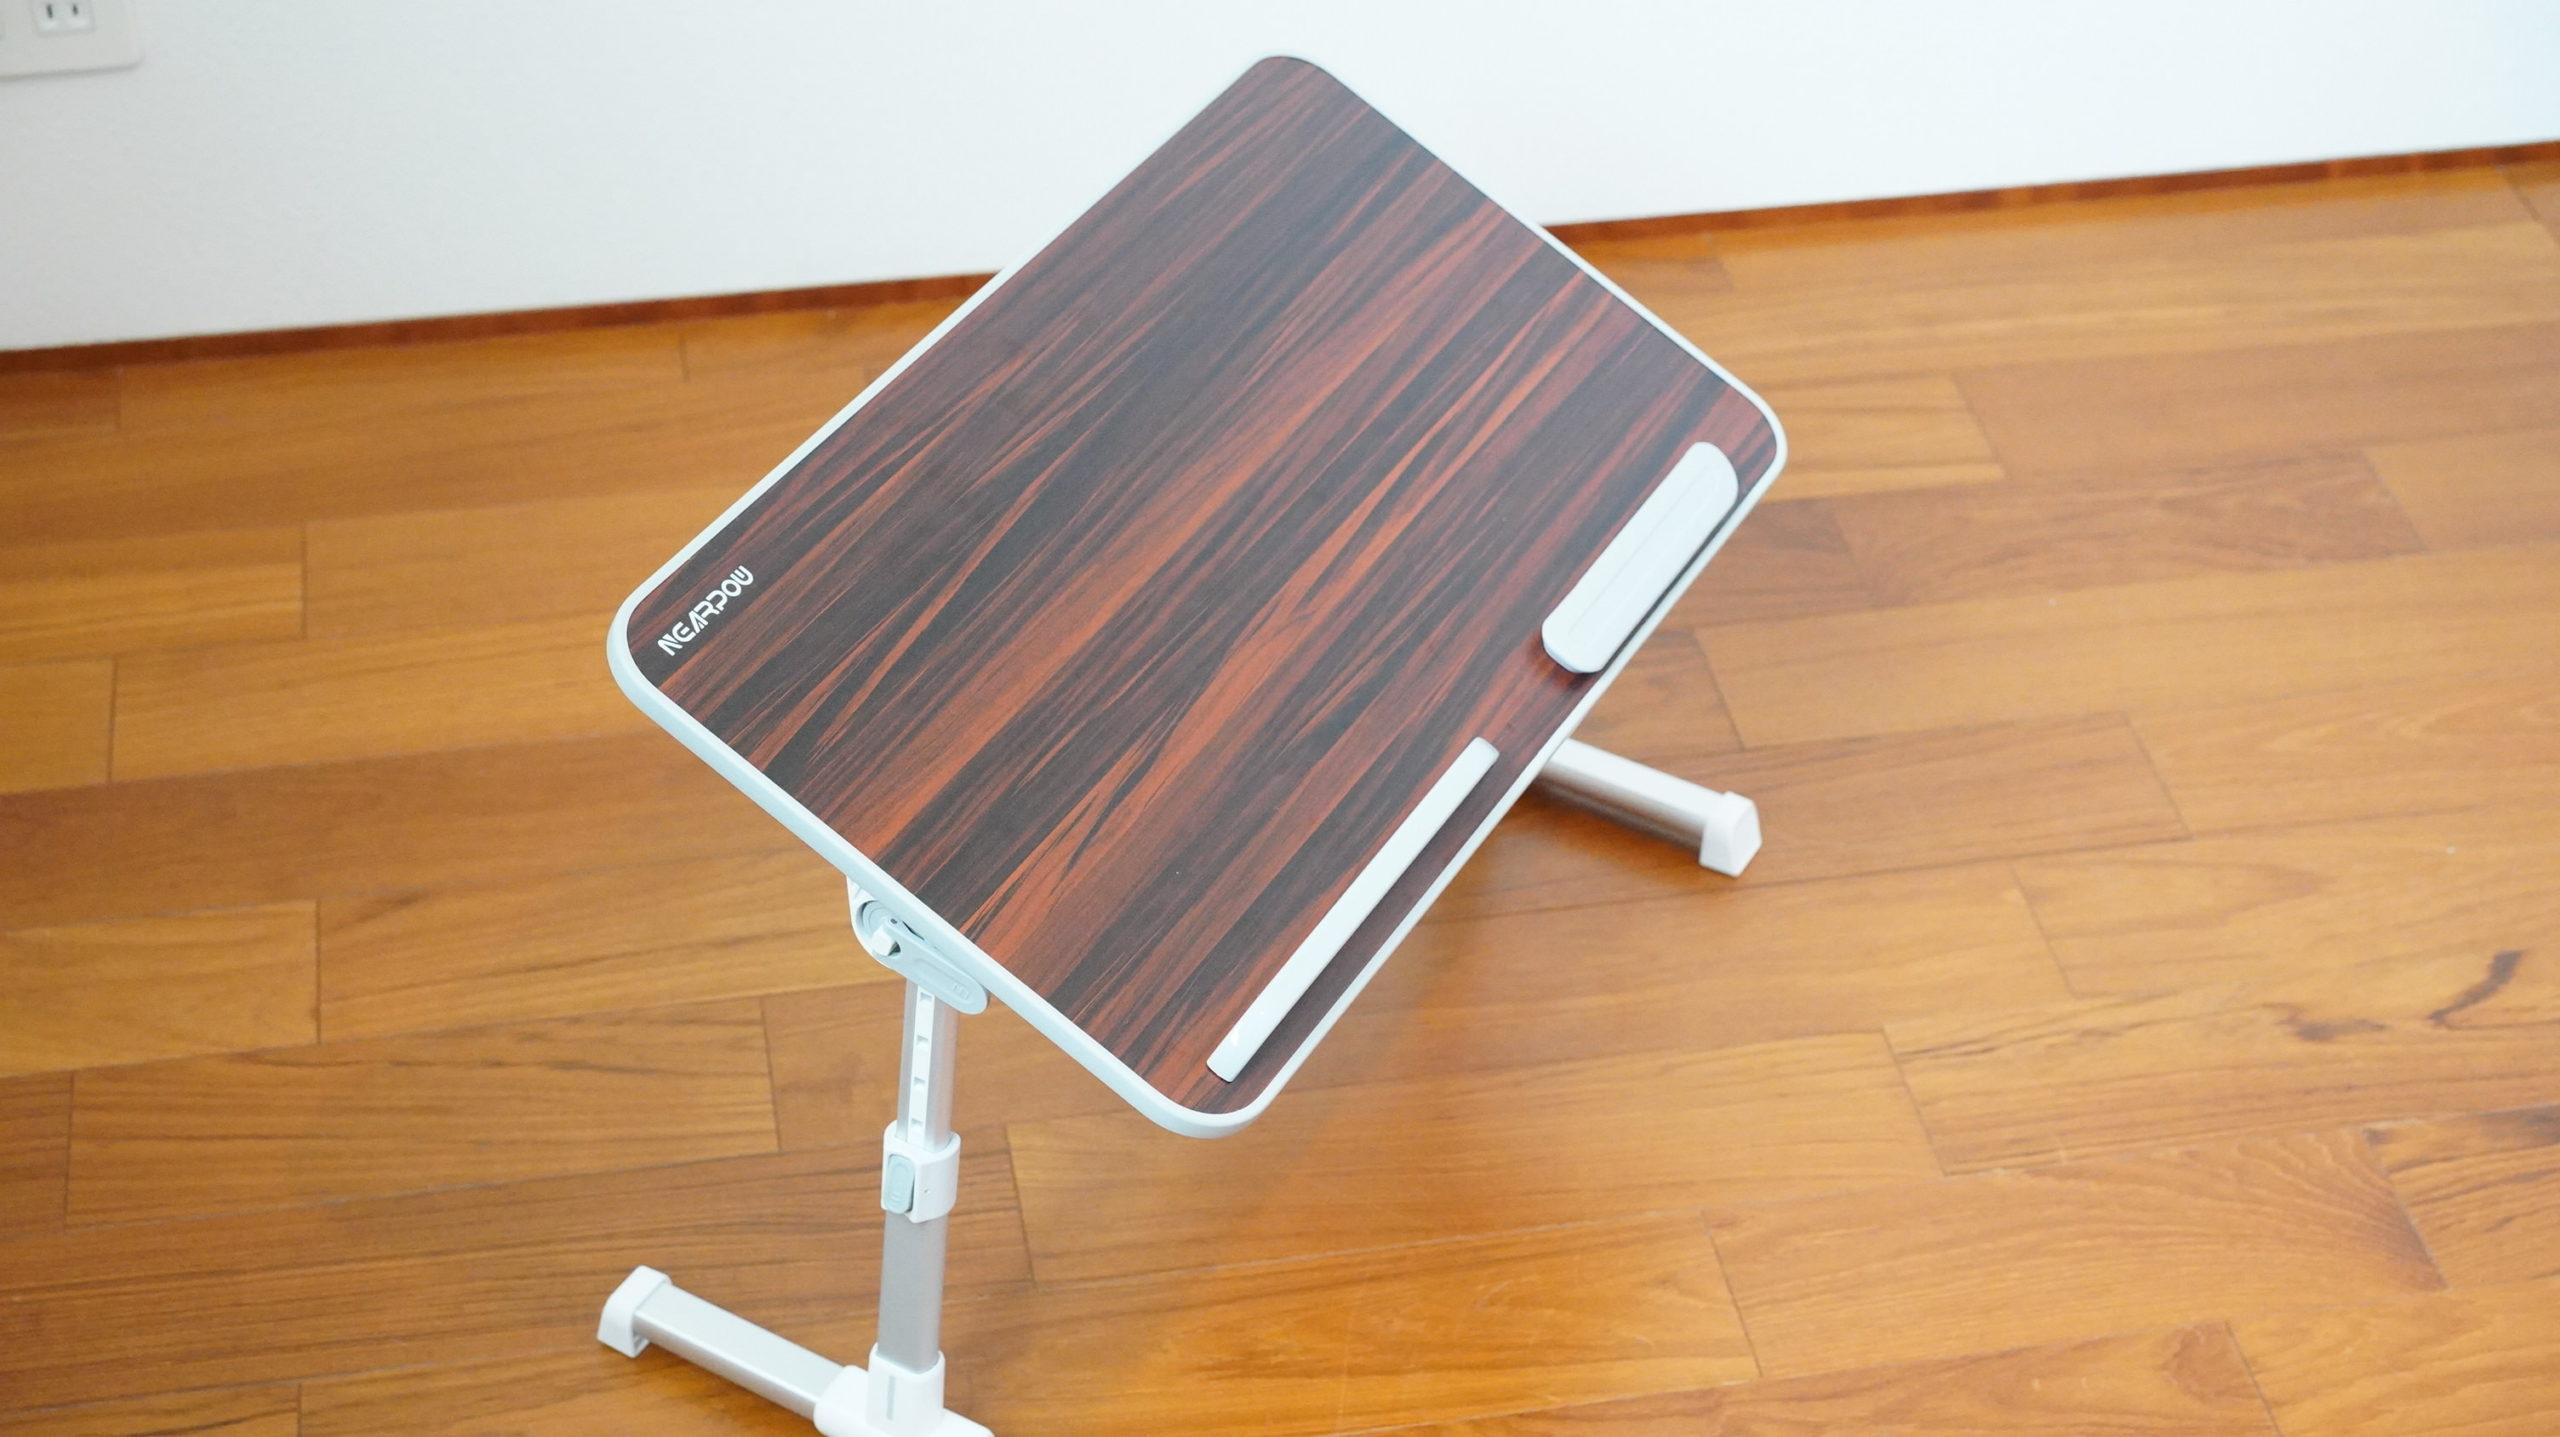 ソファやベッドでパソコン(ノートPC)の作業を姿勢良く行い、膝での作業をなくす最適なテーブル・スタンド17